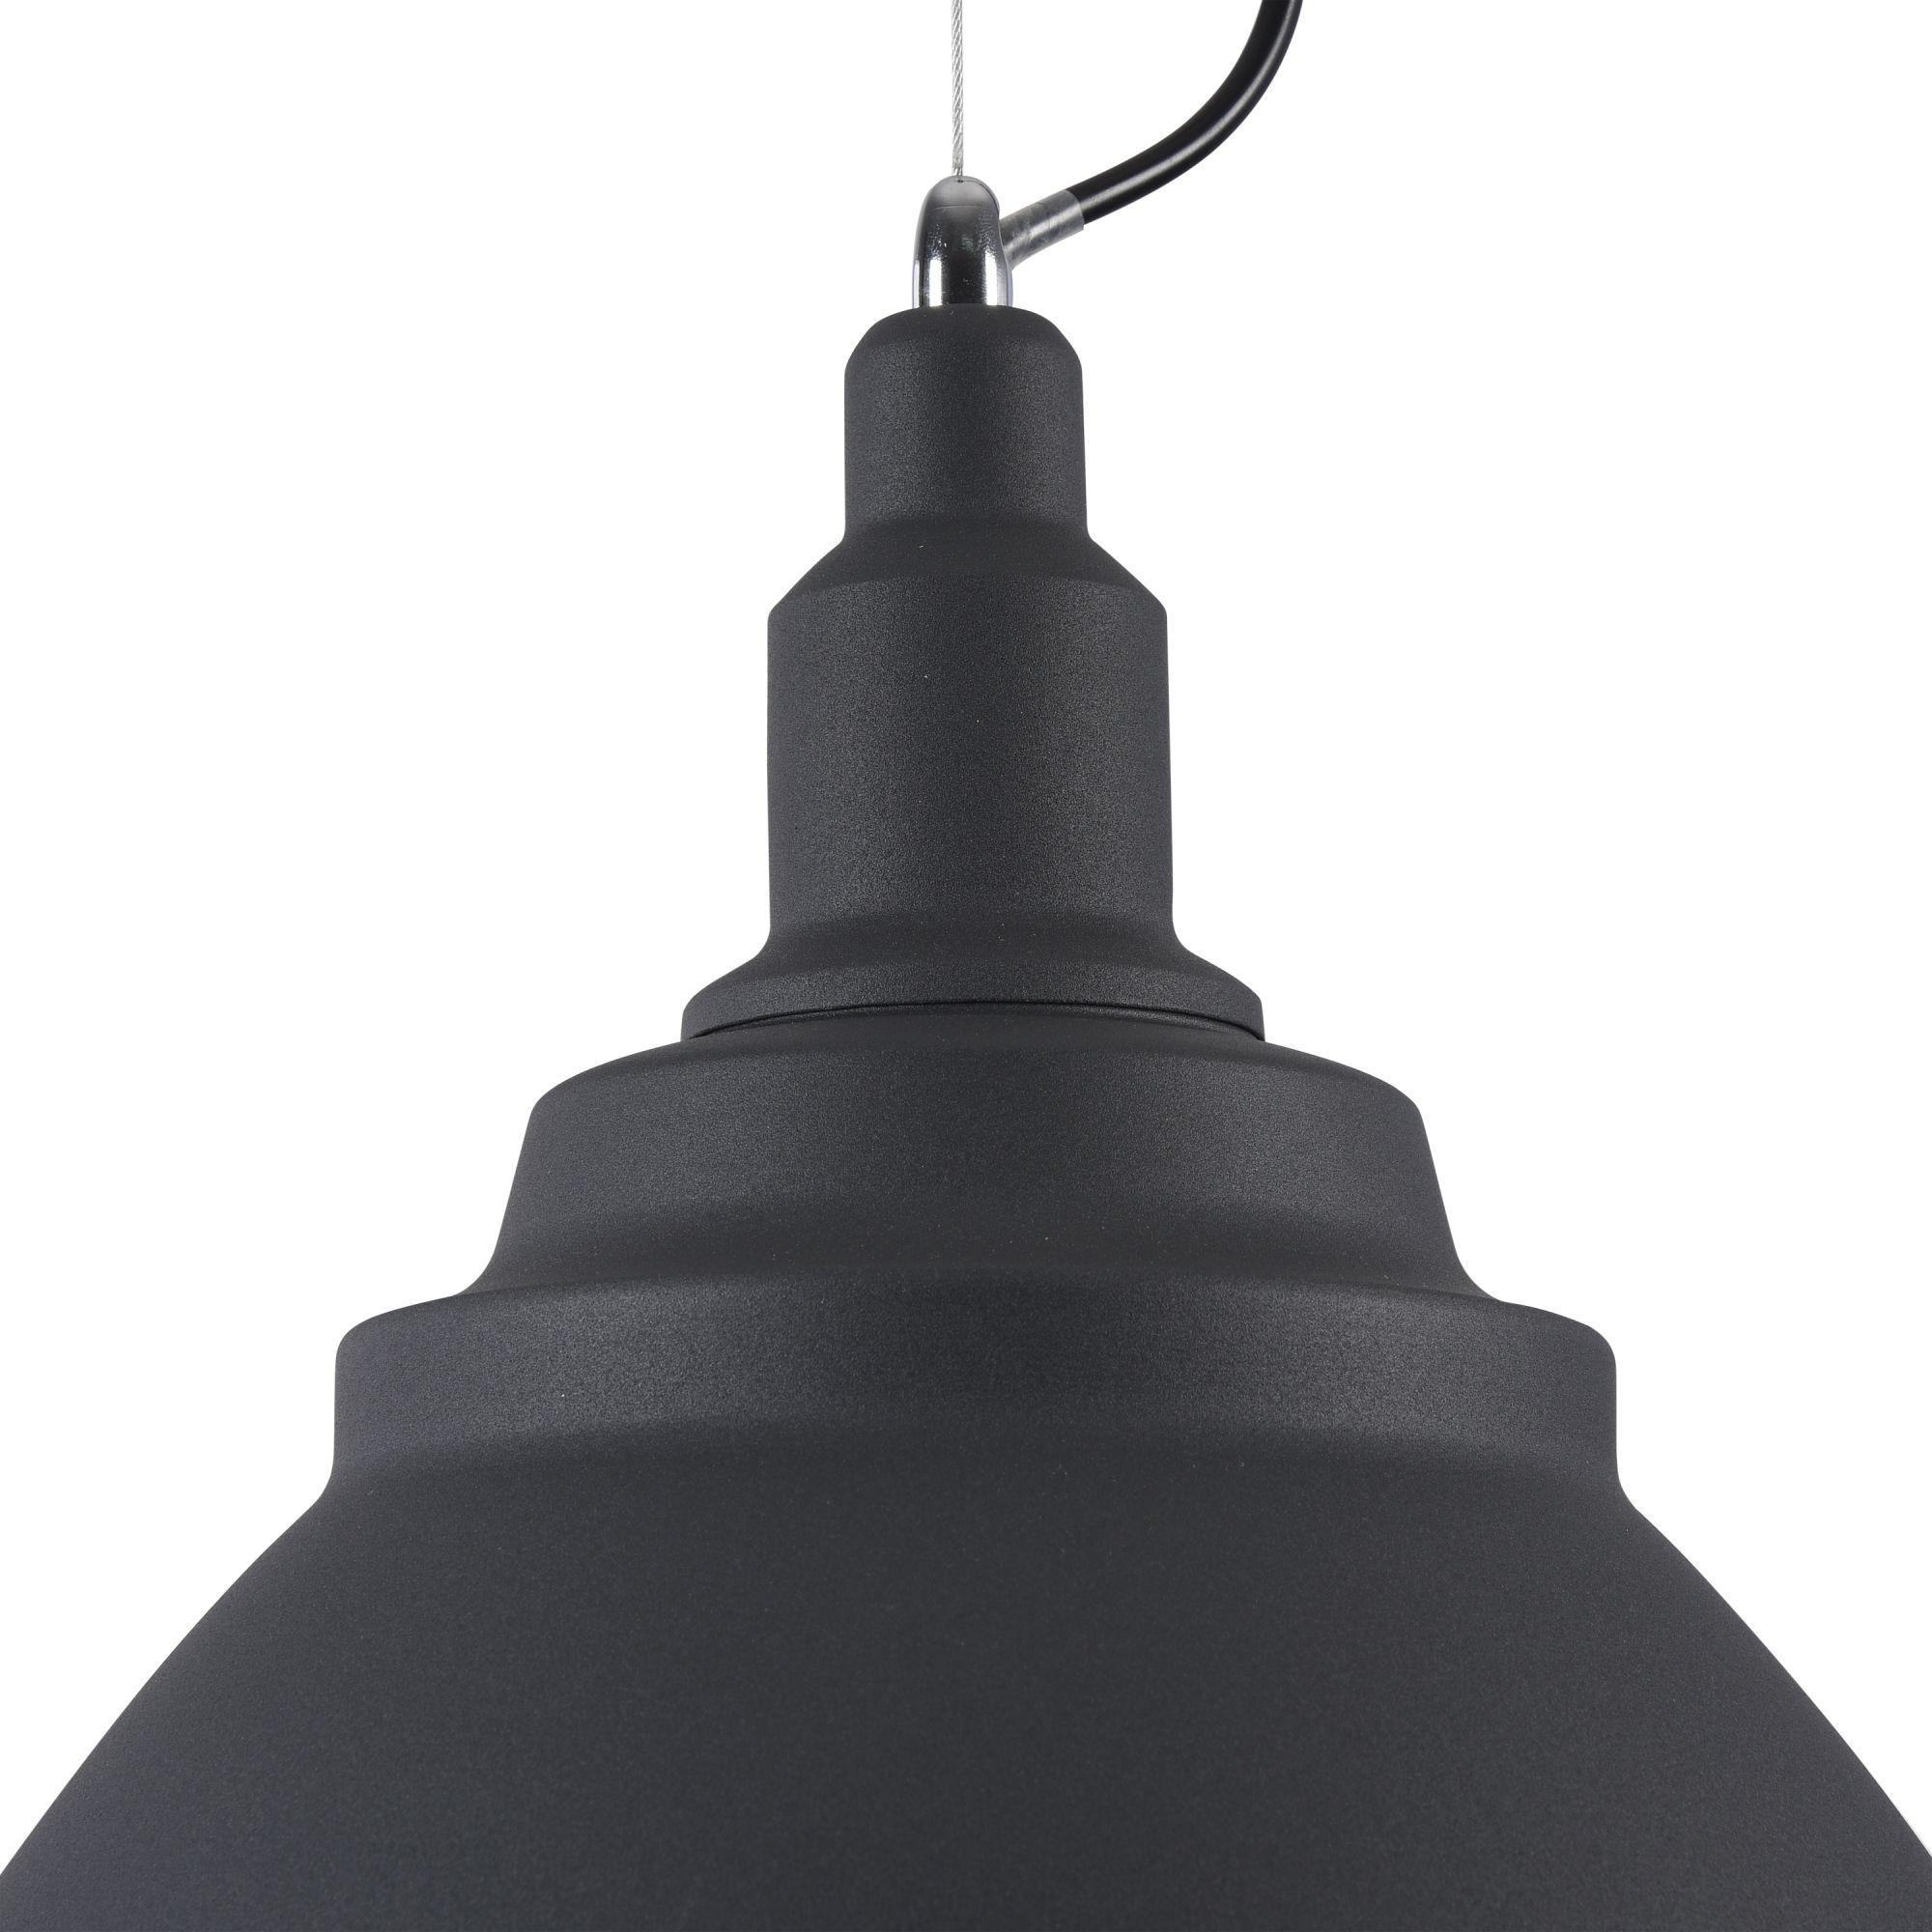 Подвесной светильник Maytoni Bellevue P535PL-01B, 1xE27x60W, черный, металл - фото 6